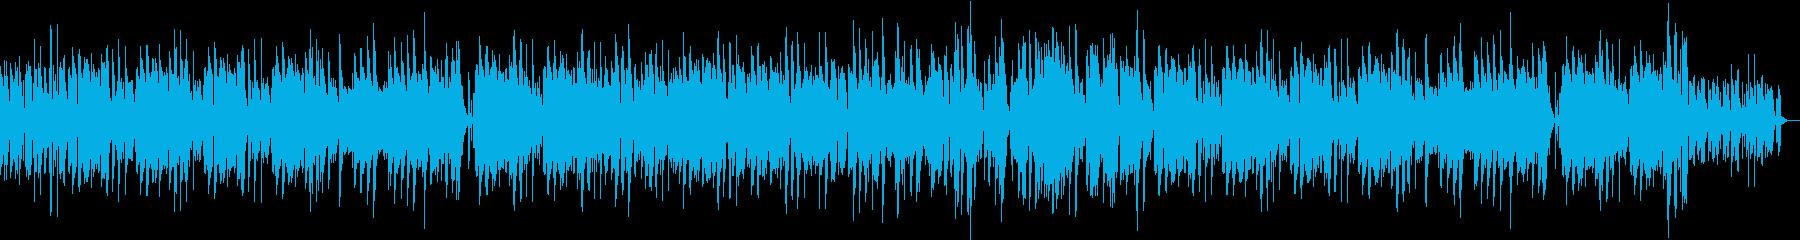 ゆっくりしたフルートのボサノバの再生済みの波形